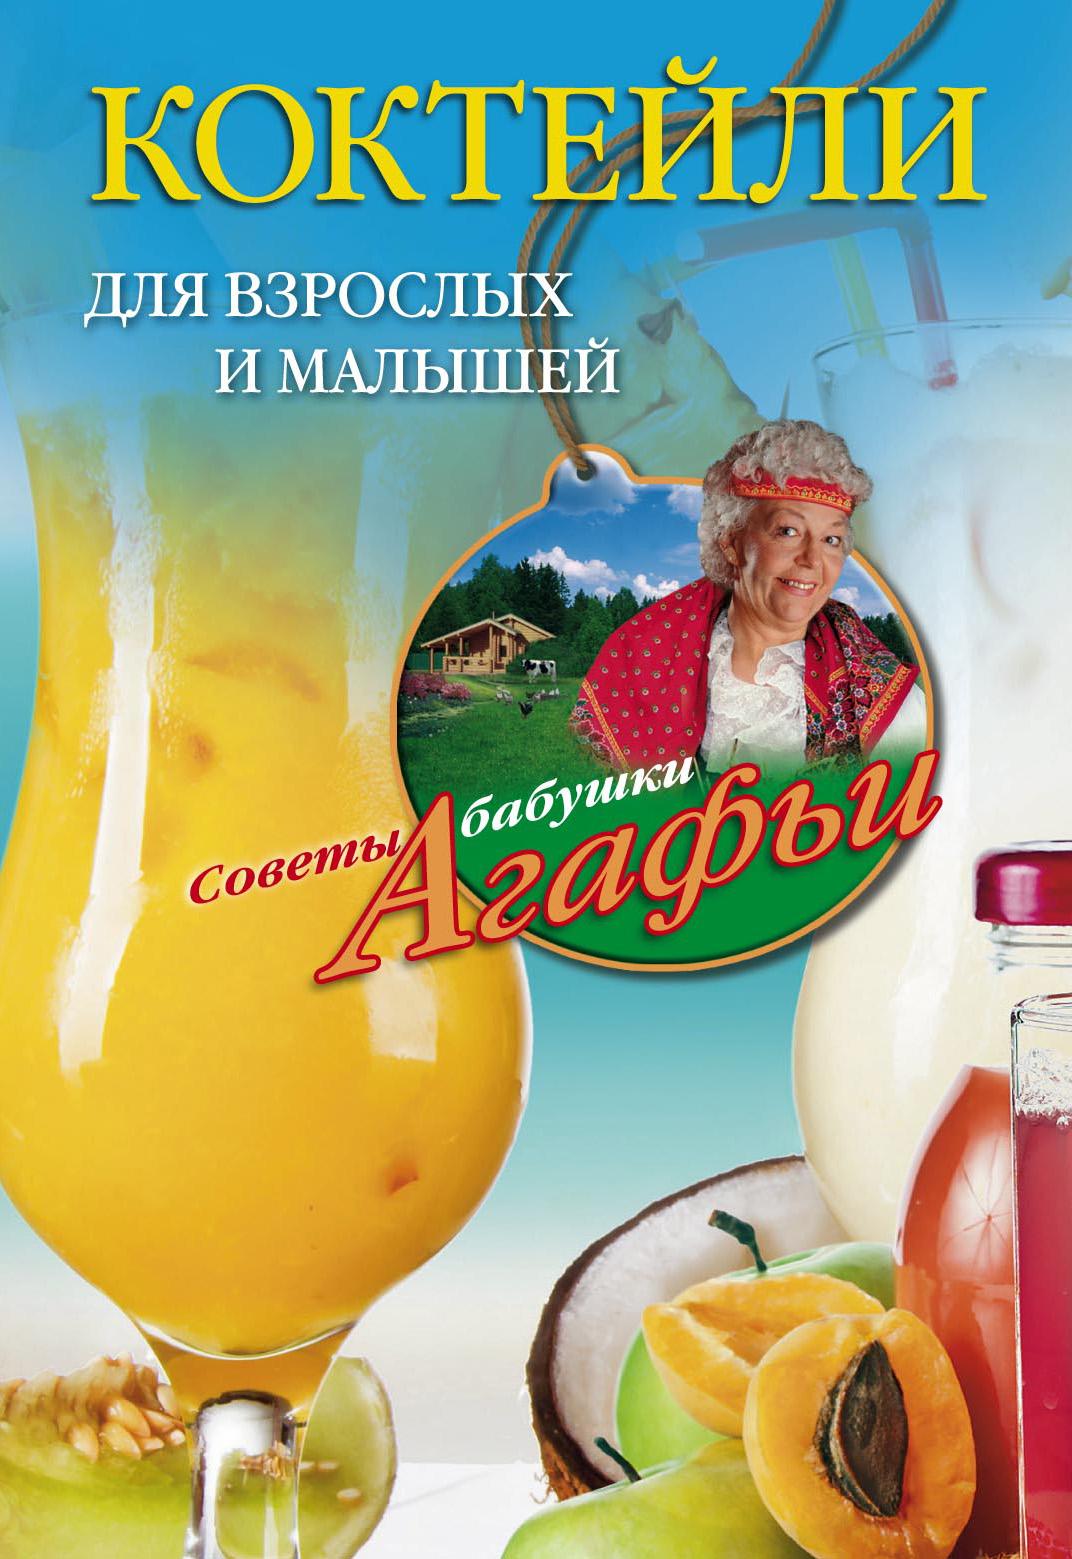 Агафья Звонарева Коктейли для взрослых и малышей агафья звонарева вкусные и полезные блюда из молочных продуктов для взрослых и малышей